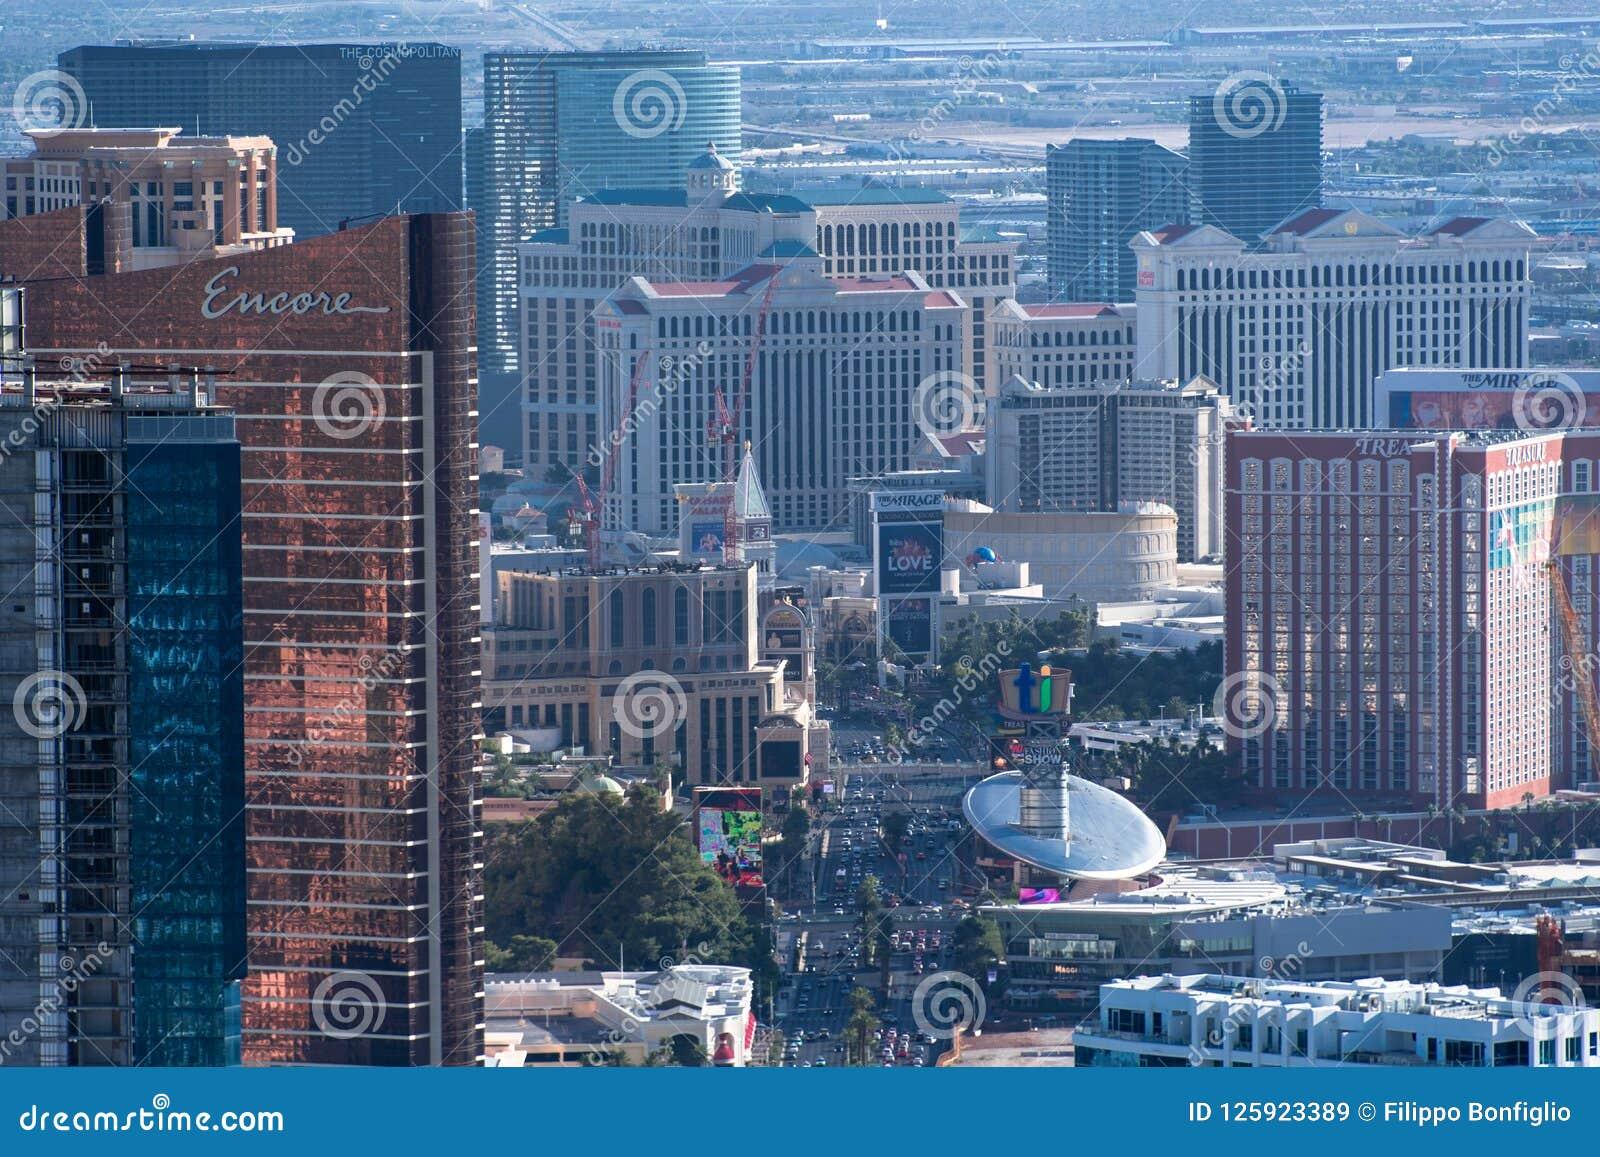 Las Vegas, nanovoltio, los E.E.U.U. 09032018: alta vista del th la tira de la torre de la estratosfera